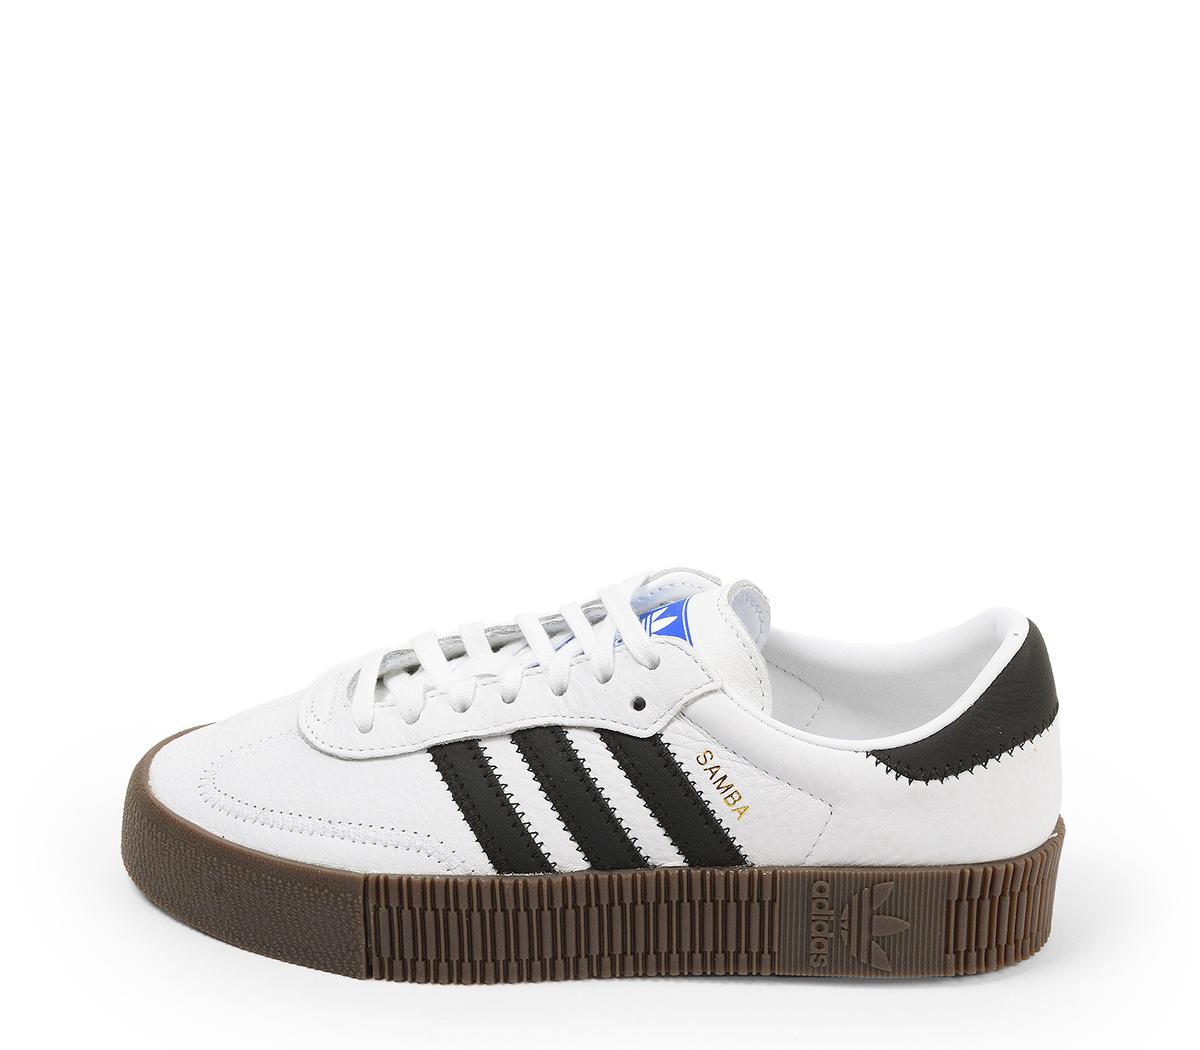 Ref. 4631 Adidas Sambarose piel blanca con detalles en piel negro. Altura plataforma 3 cm. Cordones blancos. Suela de goma marrón.